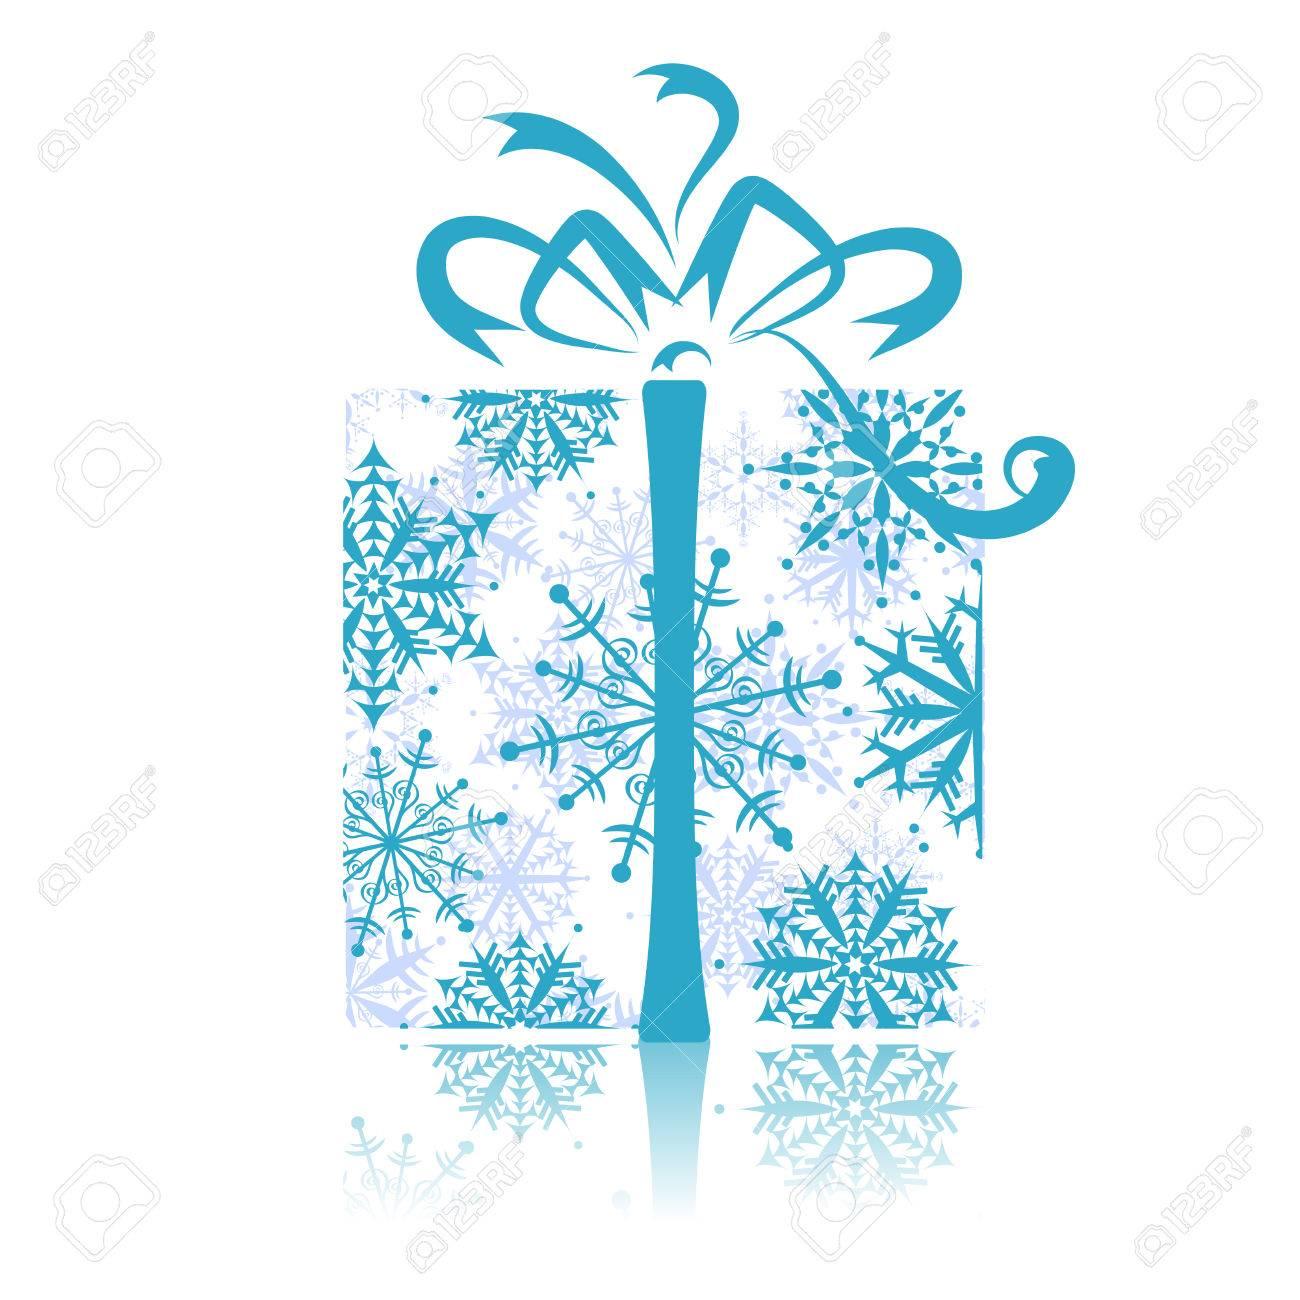 Christmas gift box Stock Vector - 5918706